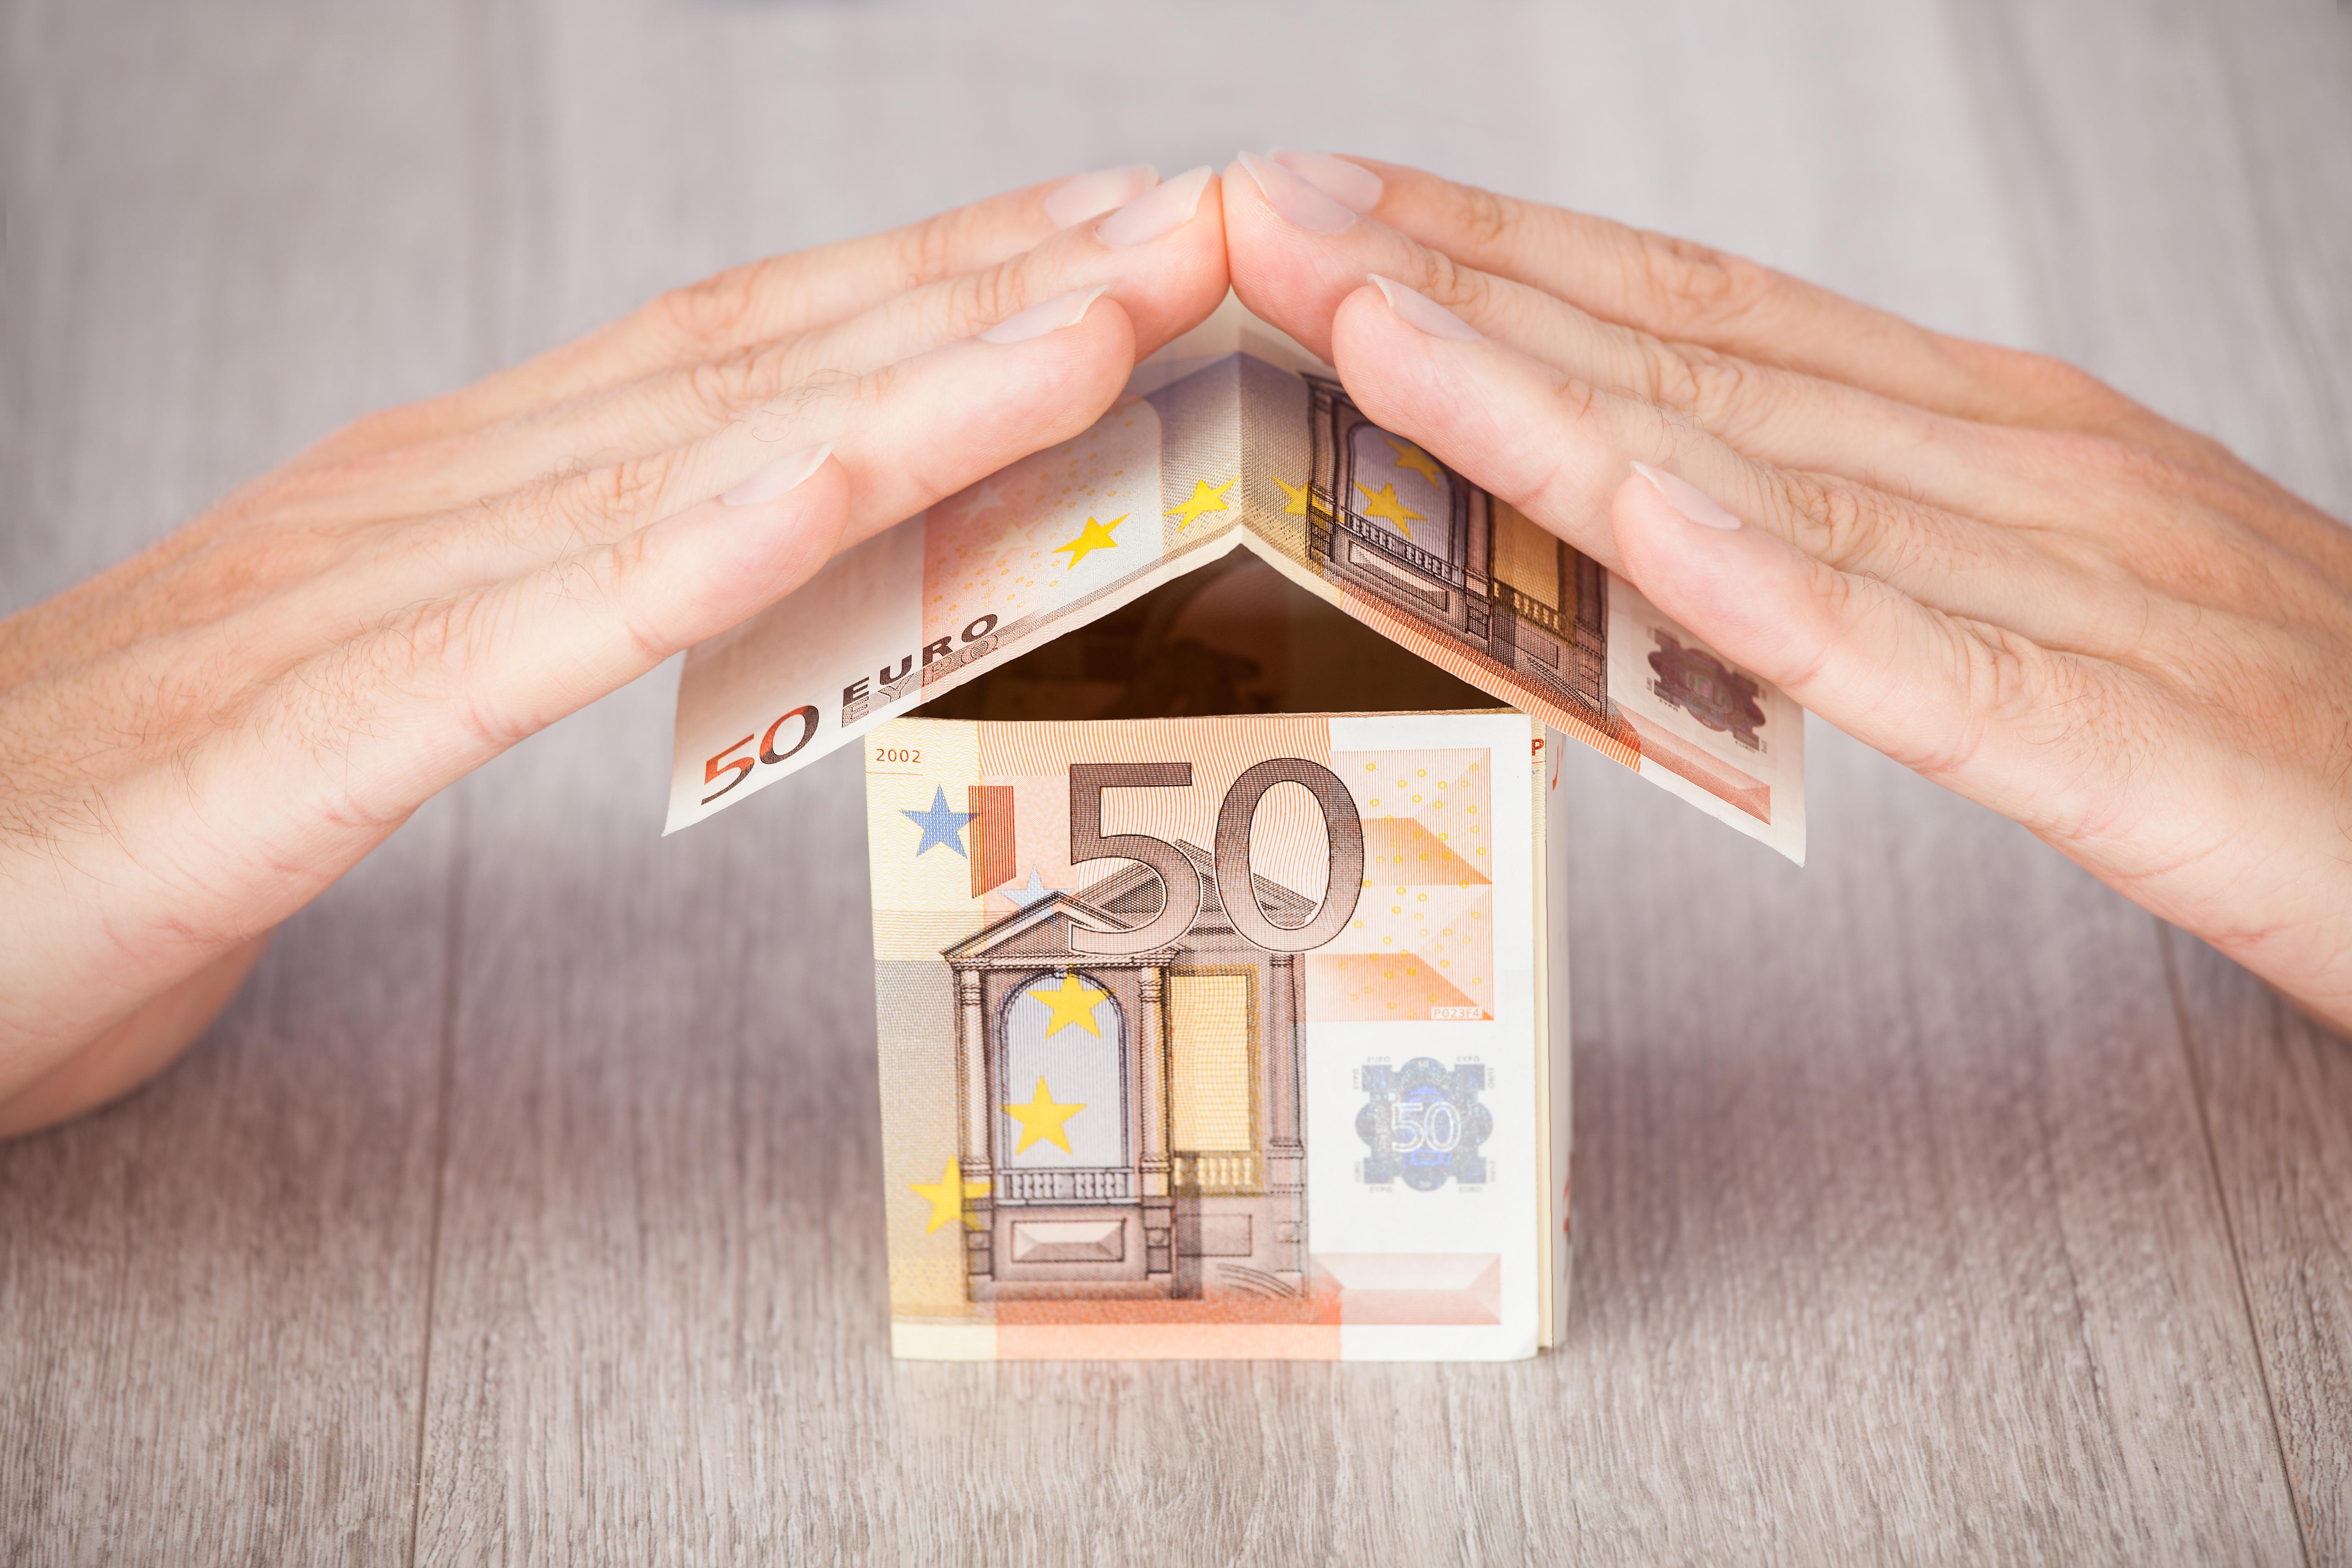 E' possibile usufruire delle agevolazioni prima casa per un immobile acquistato all'asta?